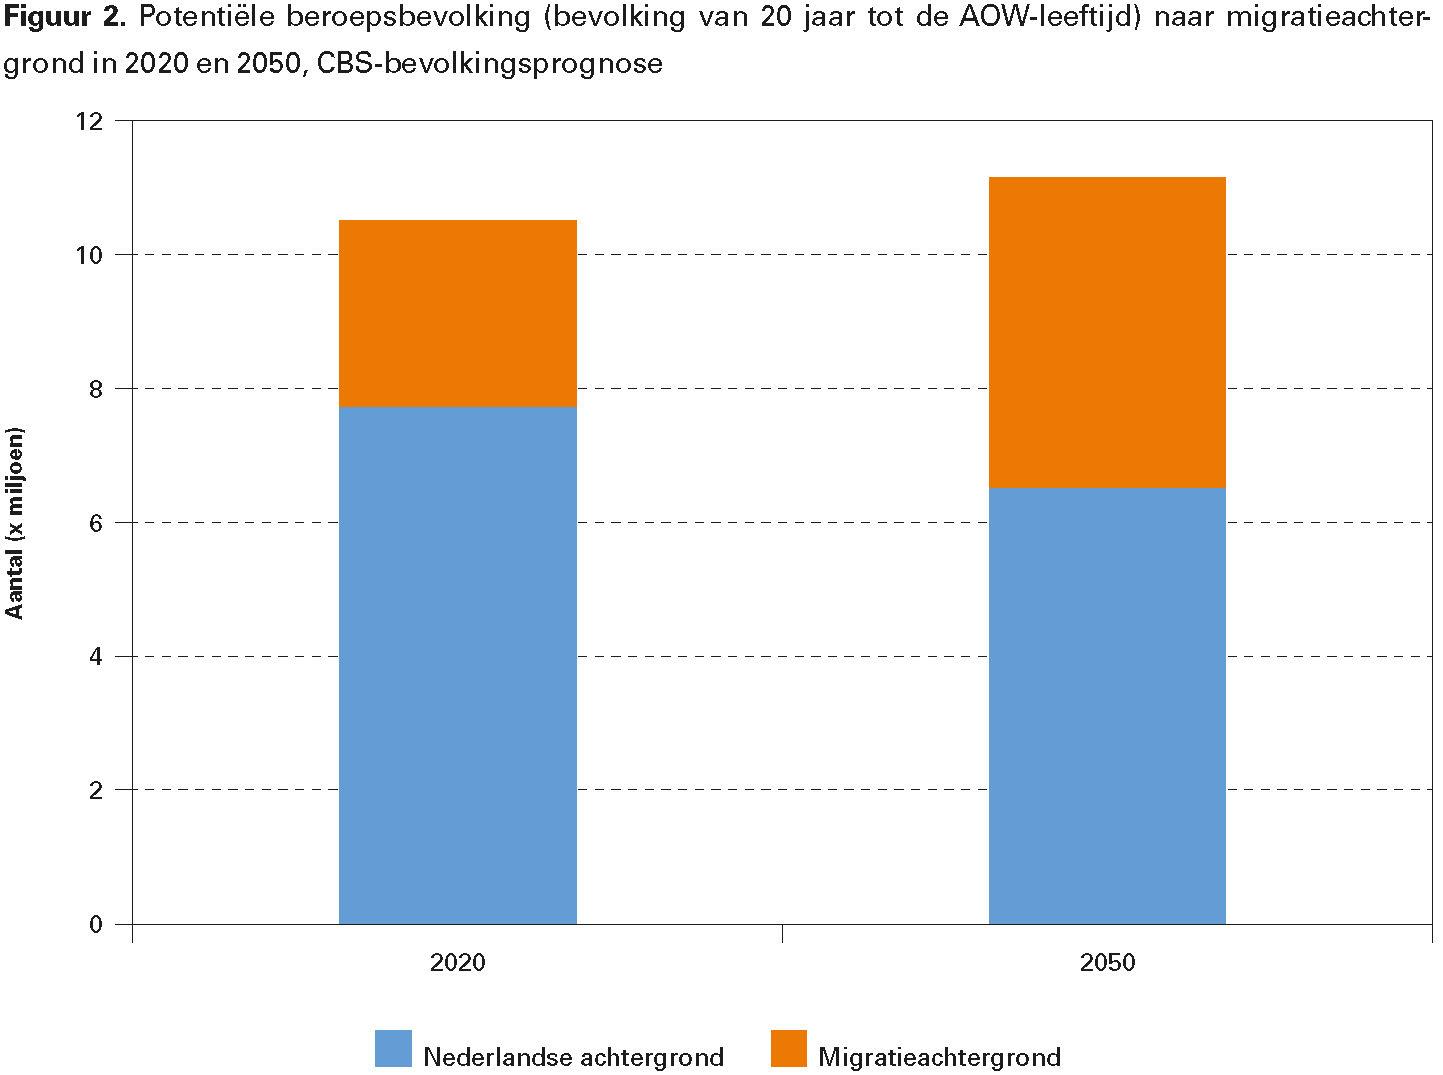 Figuur 2. Potentiële beroepsbevolking (bevolking van 20 jaar tot de AOW-leeftijd) naar migratieachtergrond in 2020 en 2050, CBS-bevolkingsprognose